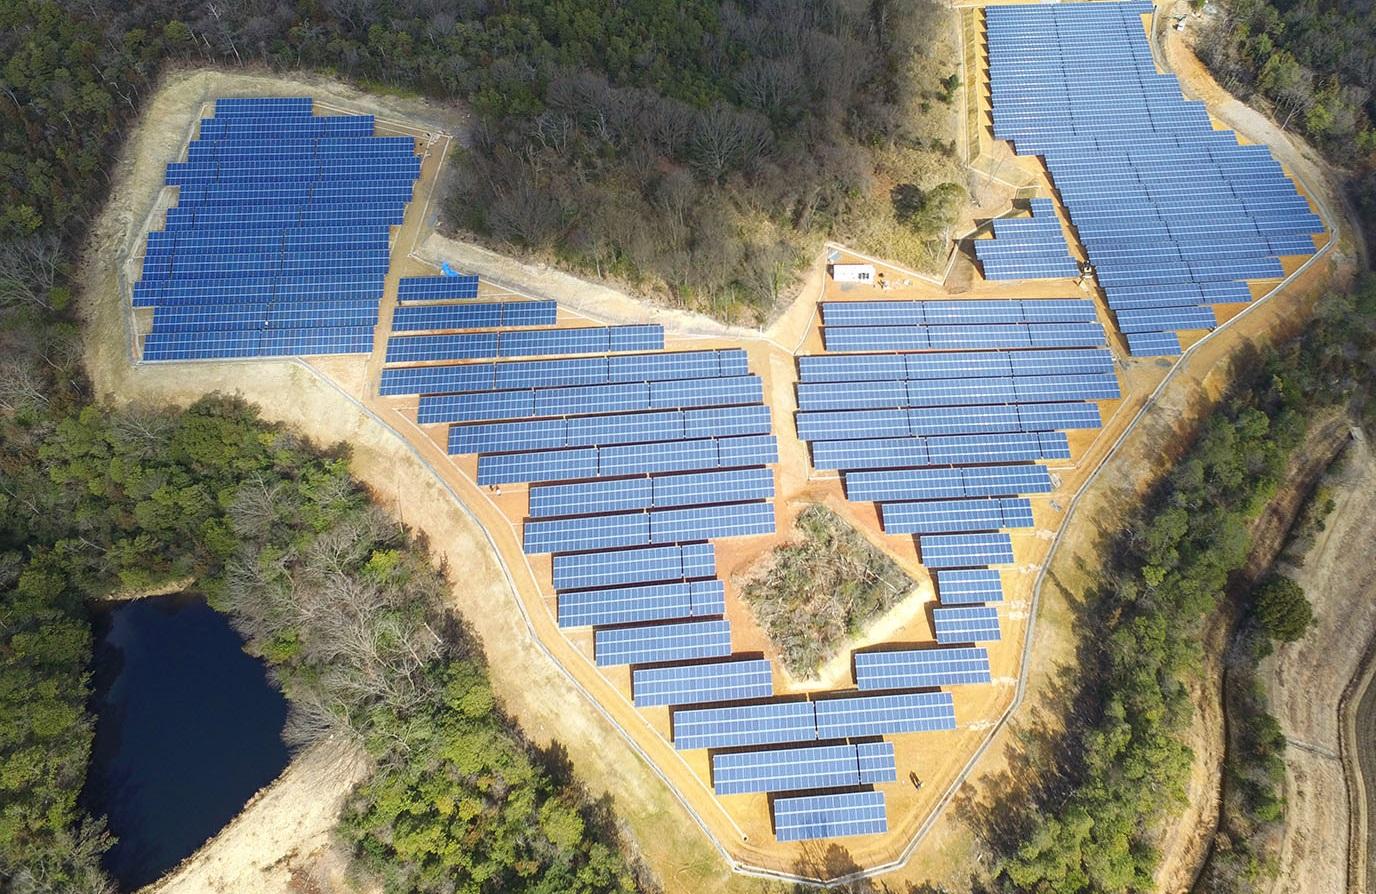 HEP: 9 Solarfonds, davon 5 über Plan, 4 im Plan, 0 unter Plan